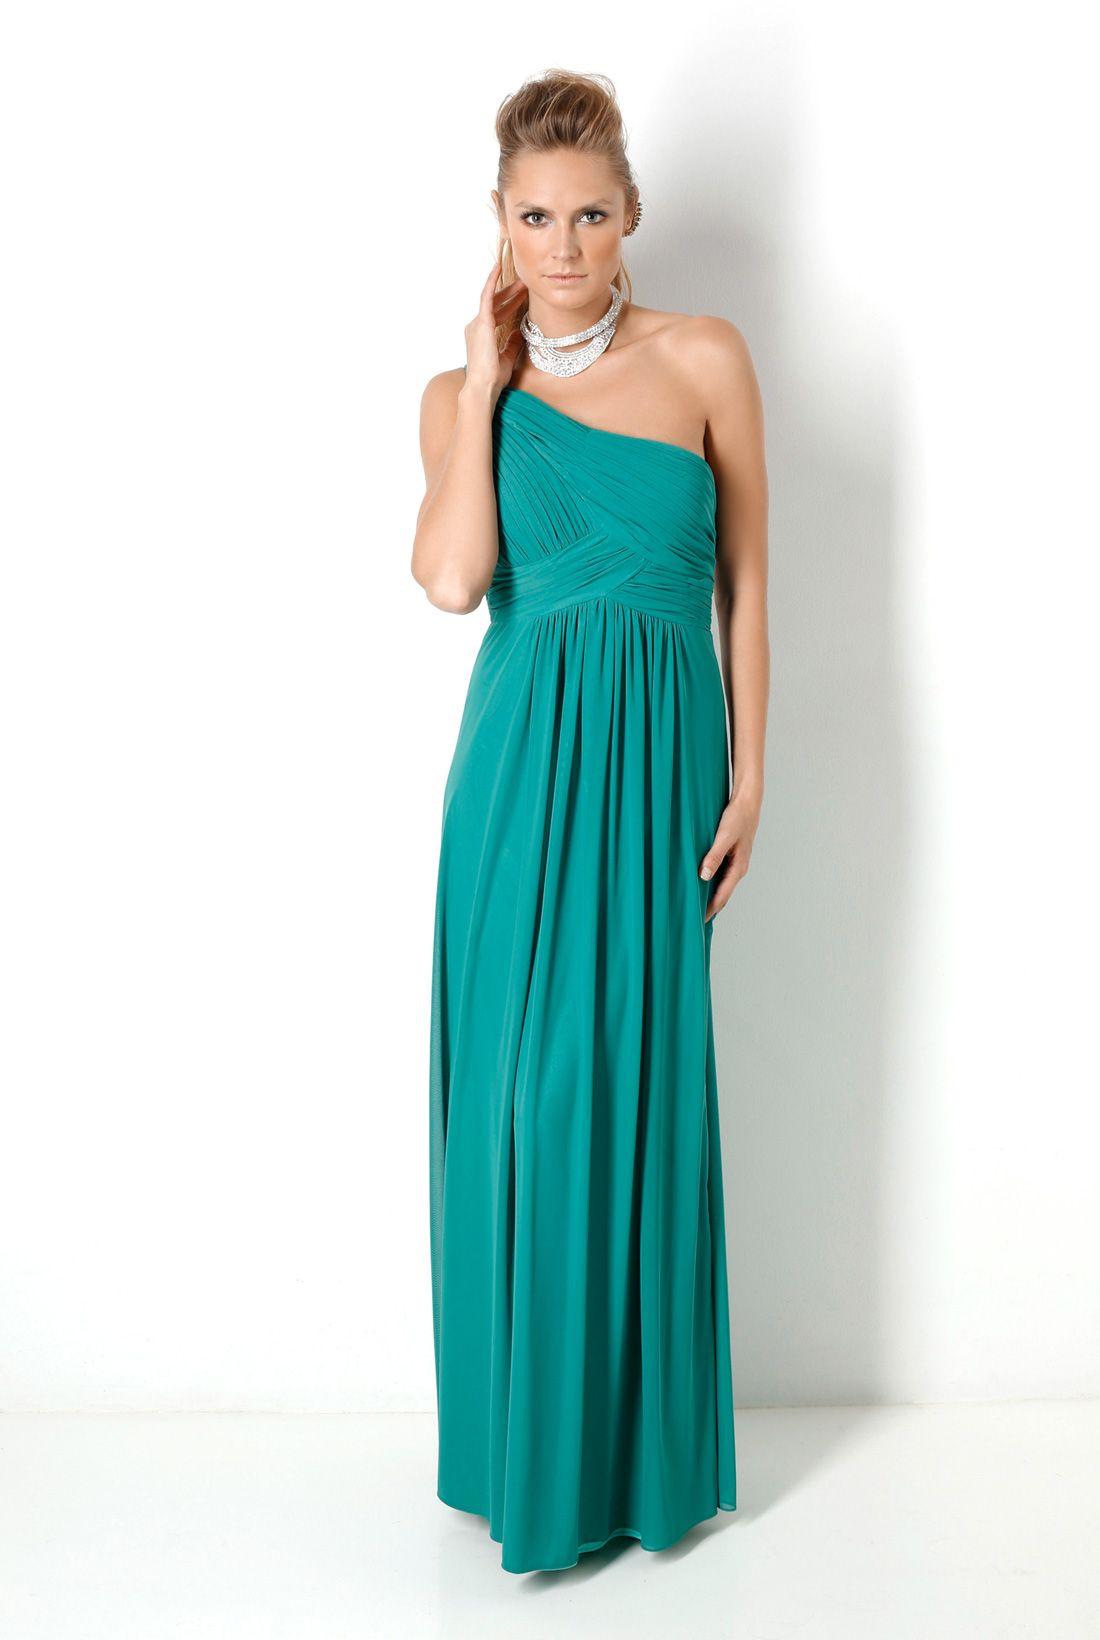 1 38Y Mido Talla De Fiesta VerdeLa Color Es Precioso Vestido Una n0vN8wm